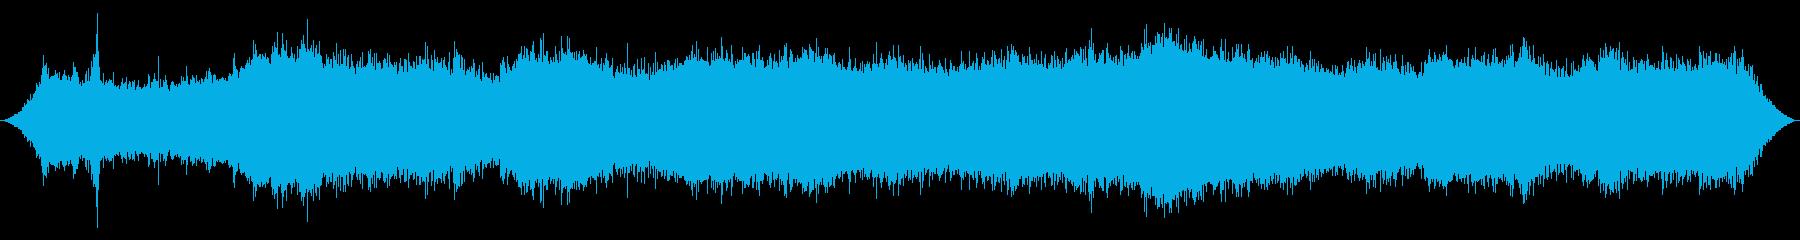 ヘビー・シティ・ウィンド:吹く突風...の再生済みの波形